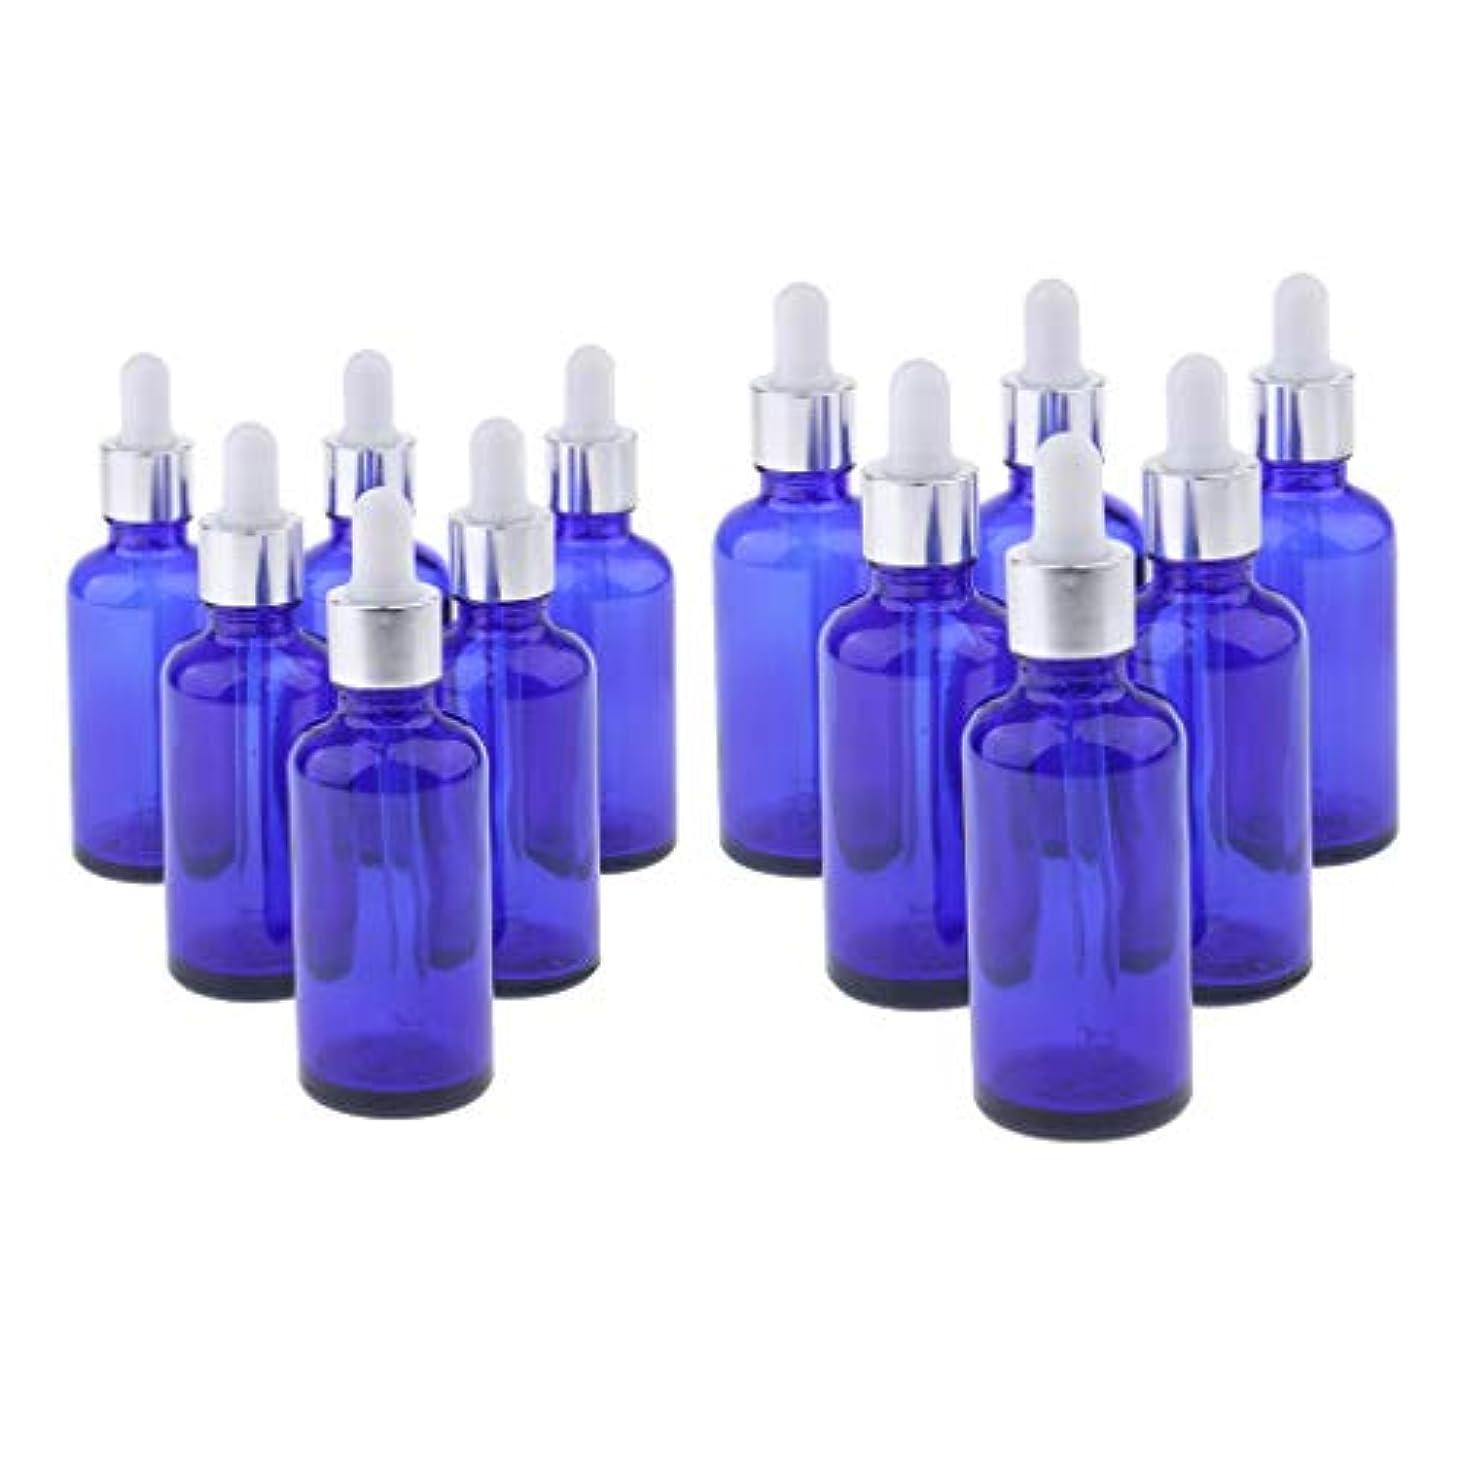 連続的批判連合Perfeclan 12個 2サイズ 精油ボトル スポイトボトル ガラス エッセンシャルオイル 香水 保存 詰替え